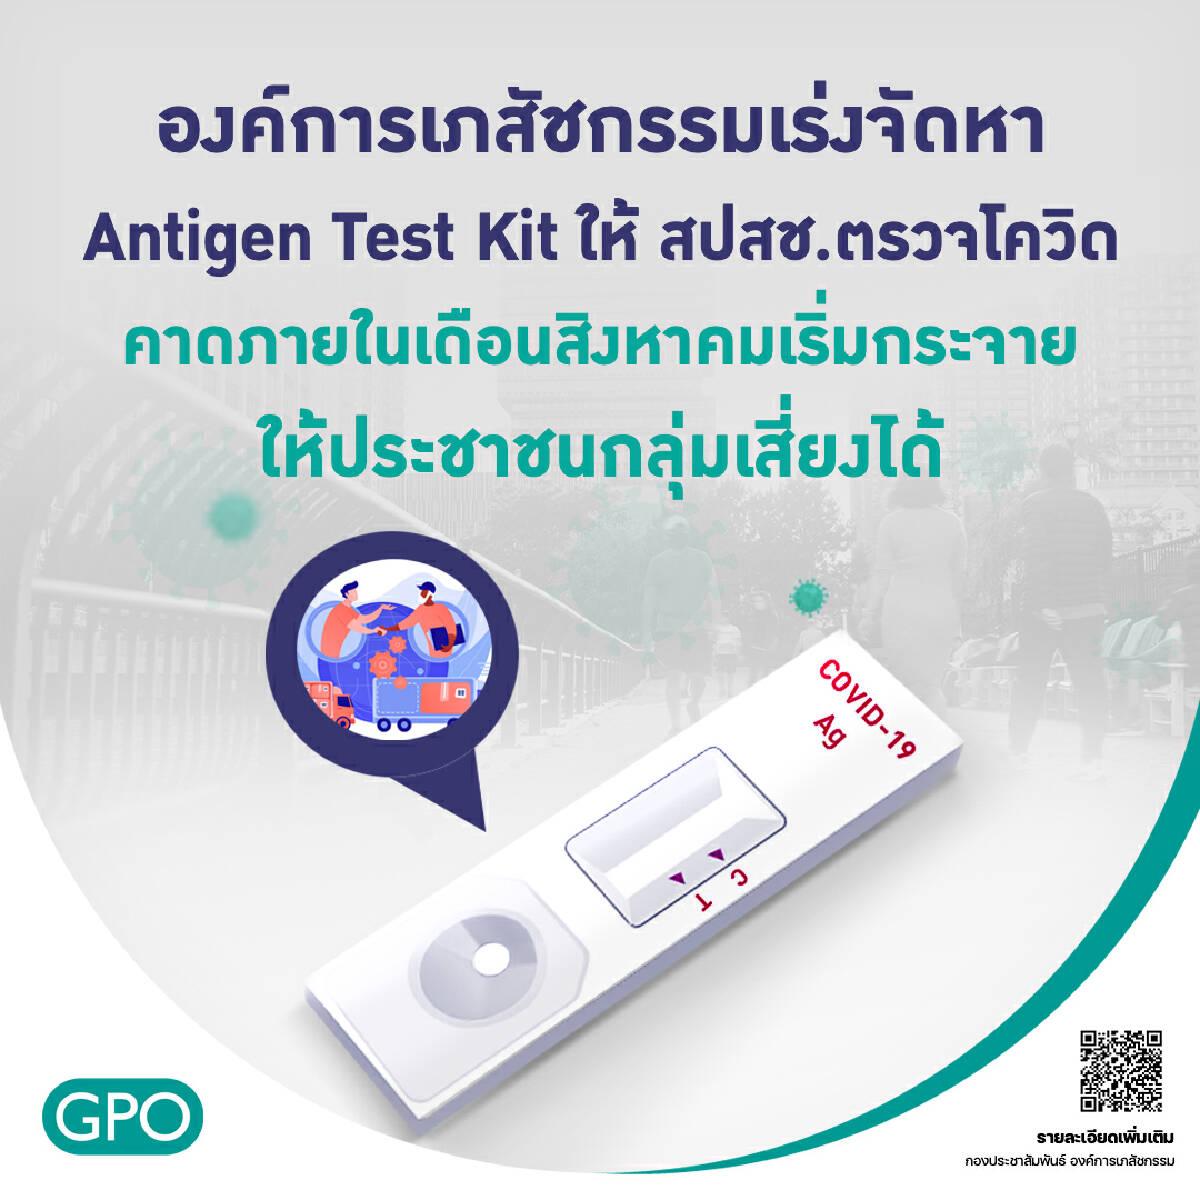 องค์การเภสัชฯ เปิดยื่นซองเสนอราคา Antigen Test Kit 8.5 ล้านชุด 10 ส.ค. นี้